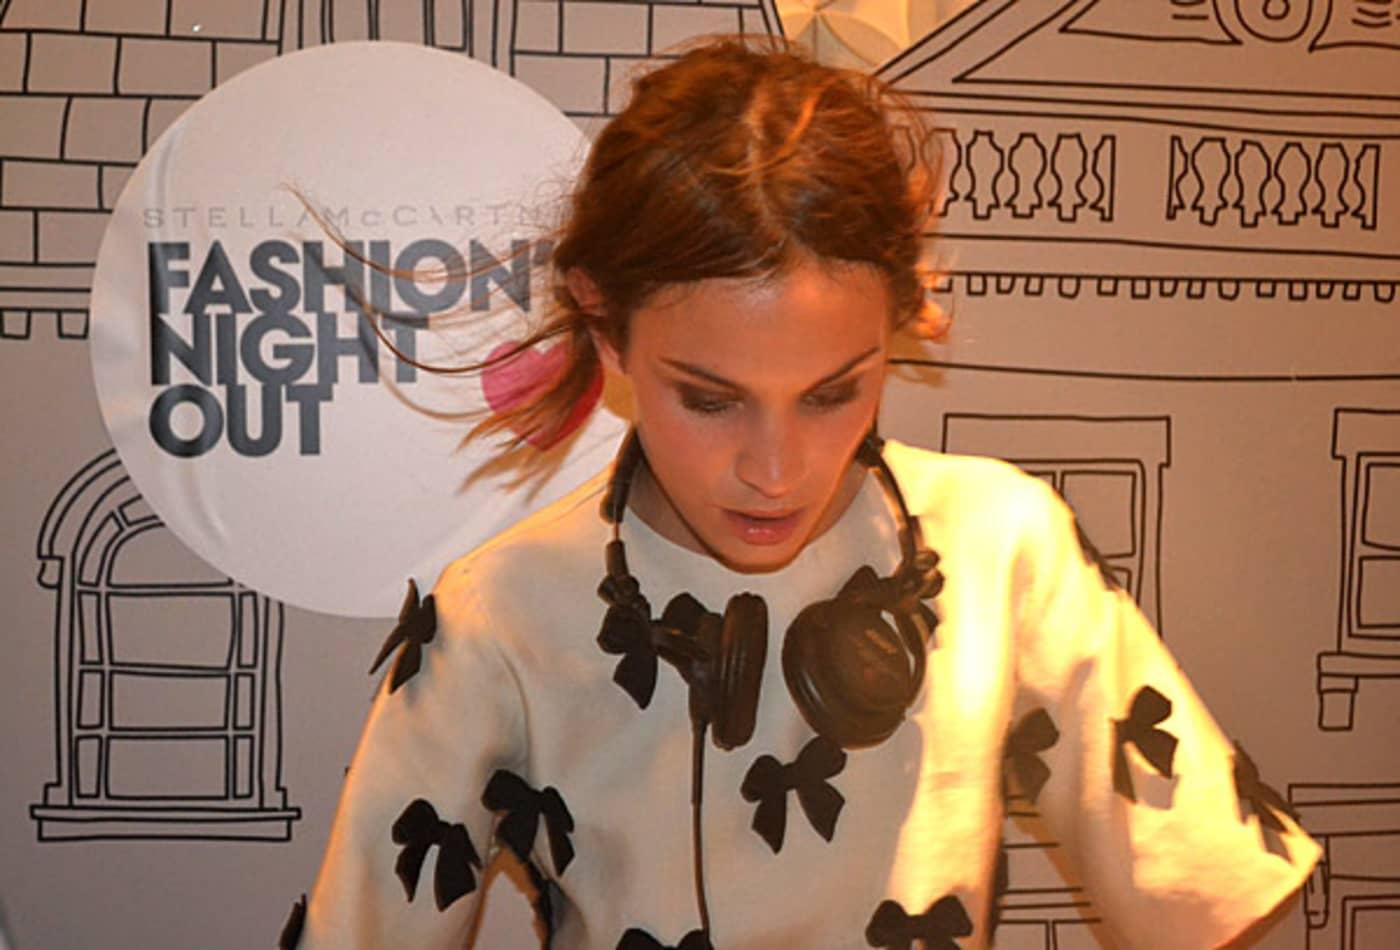 CNBC_NYC_fashion_week_2011_FNO2.jpg